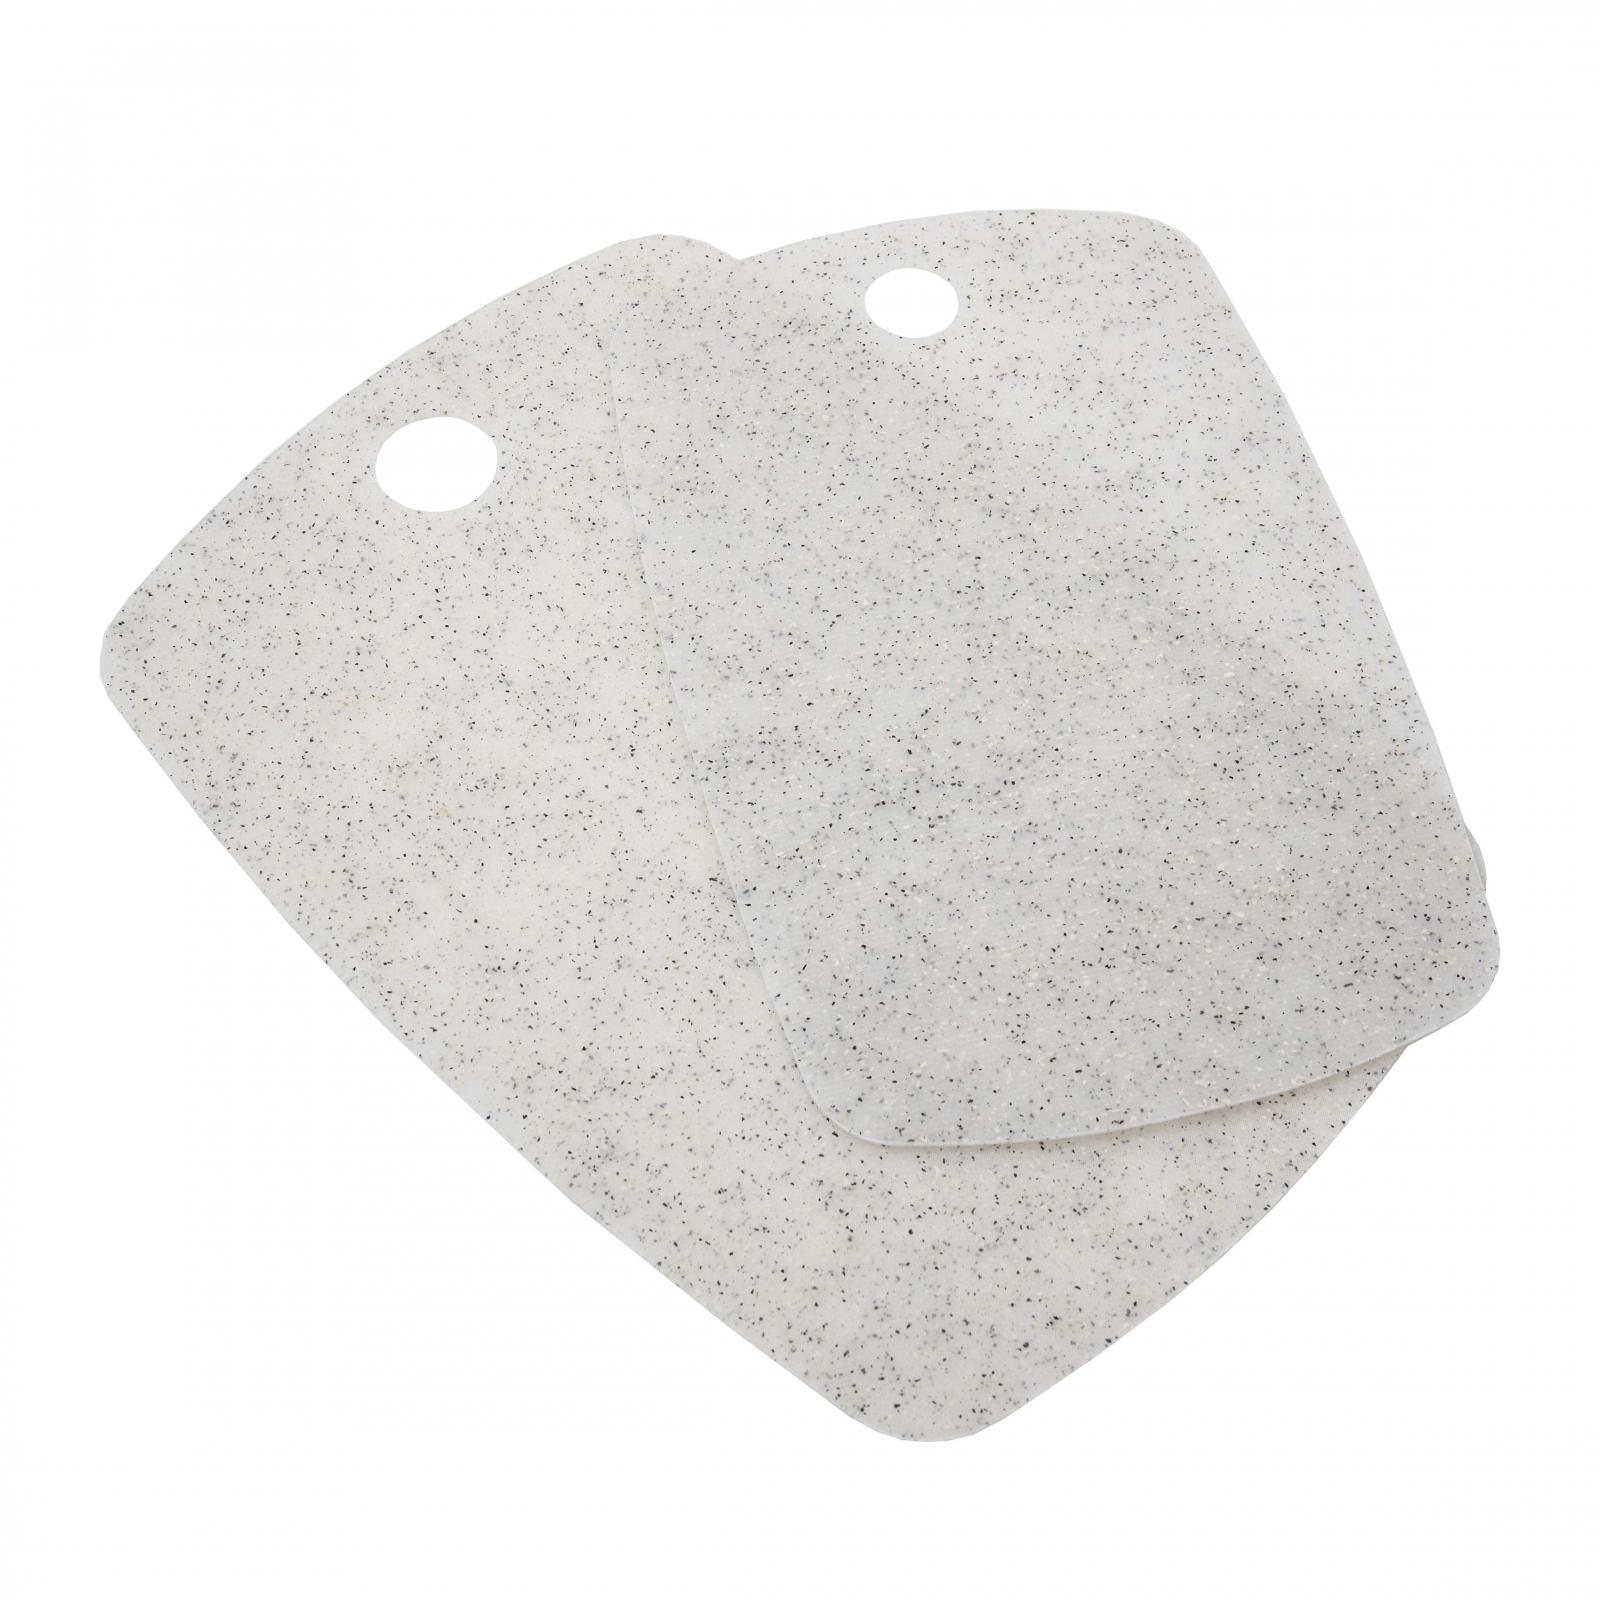 Beille Plastic Kitchen Cutting Board Set Textured Non-slip